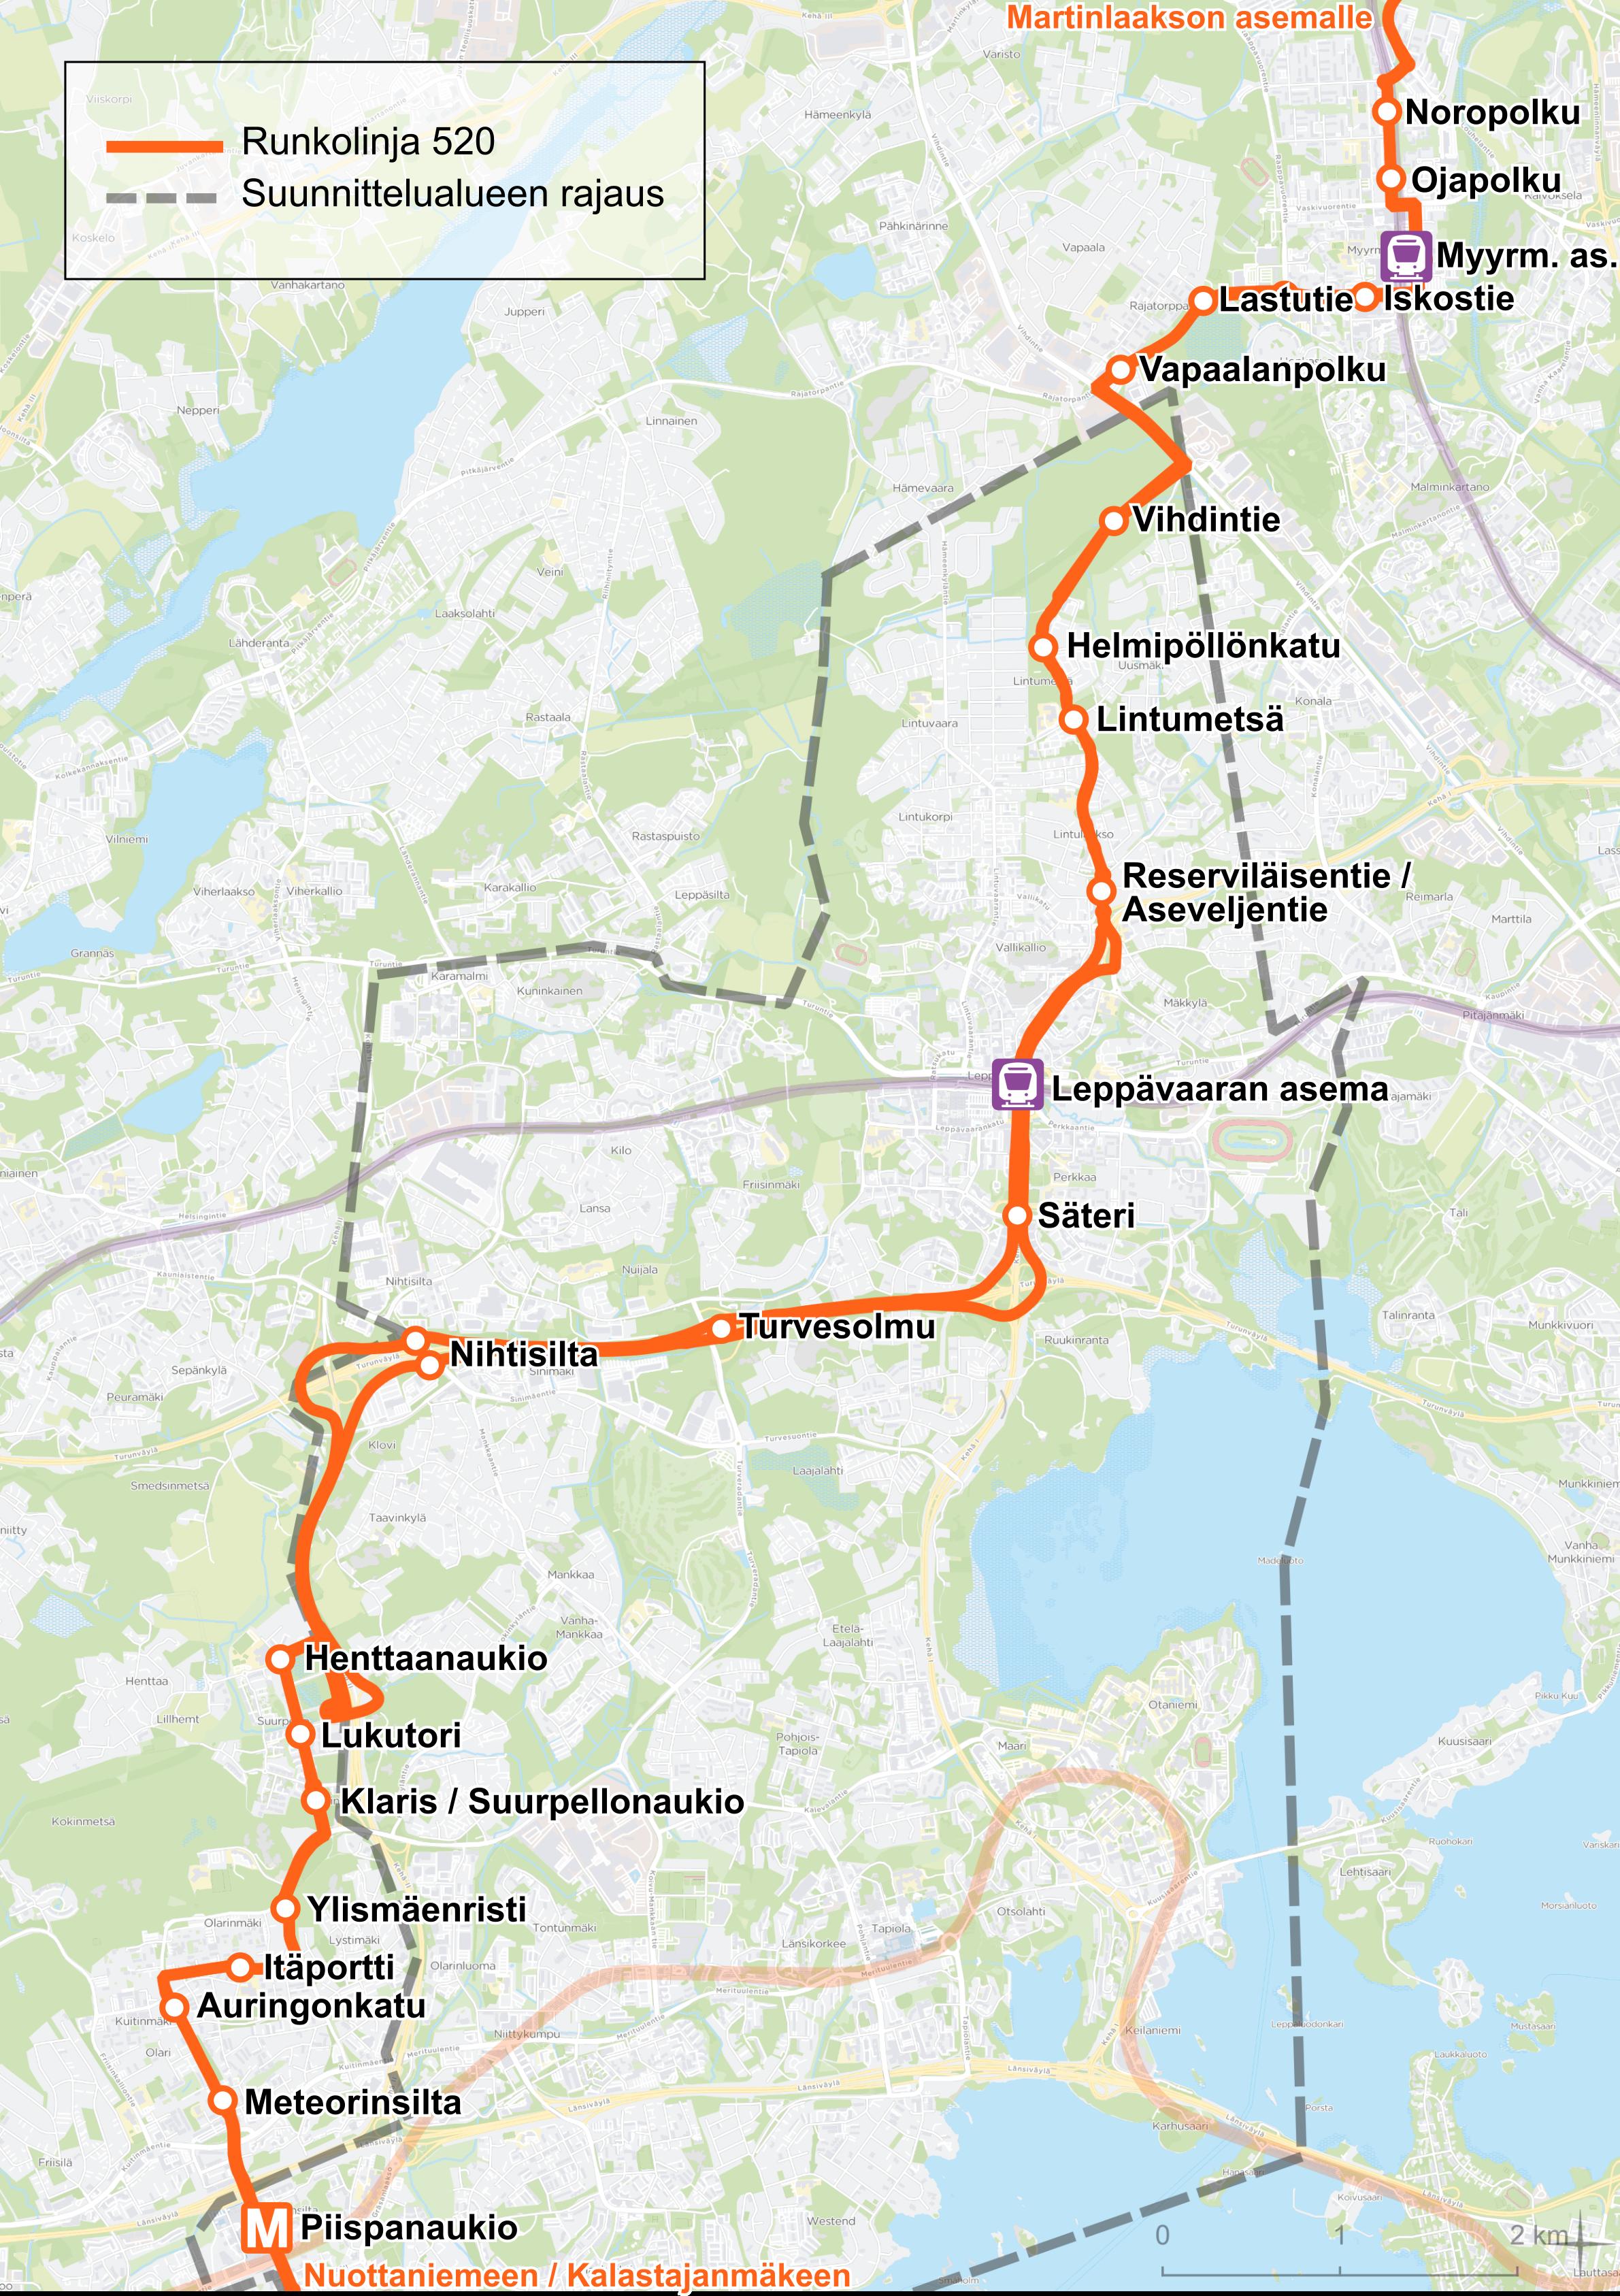 Kartalla runkolinjan 520 reitti. Linja ajaa Matinkylästä Olariin ja Suurpeltoon. Sieltä linja jatkaa Kehä II:sta ja Turunväylää Kehä I:lle. Linja poistuu Kehä I:ltä Vallikallion liittymästä Lintulaaksontielle, josta linjan on tarkoitus jatkaa vielä rakentamatonta katuyhteyttä pitkin Rajatorpantielle. Rajatorpantieltä linja jatkaa Myyrmäkeen ja Martinlaaksoon.